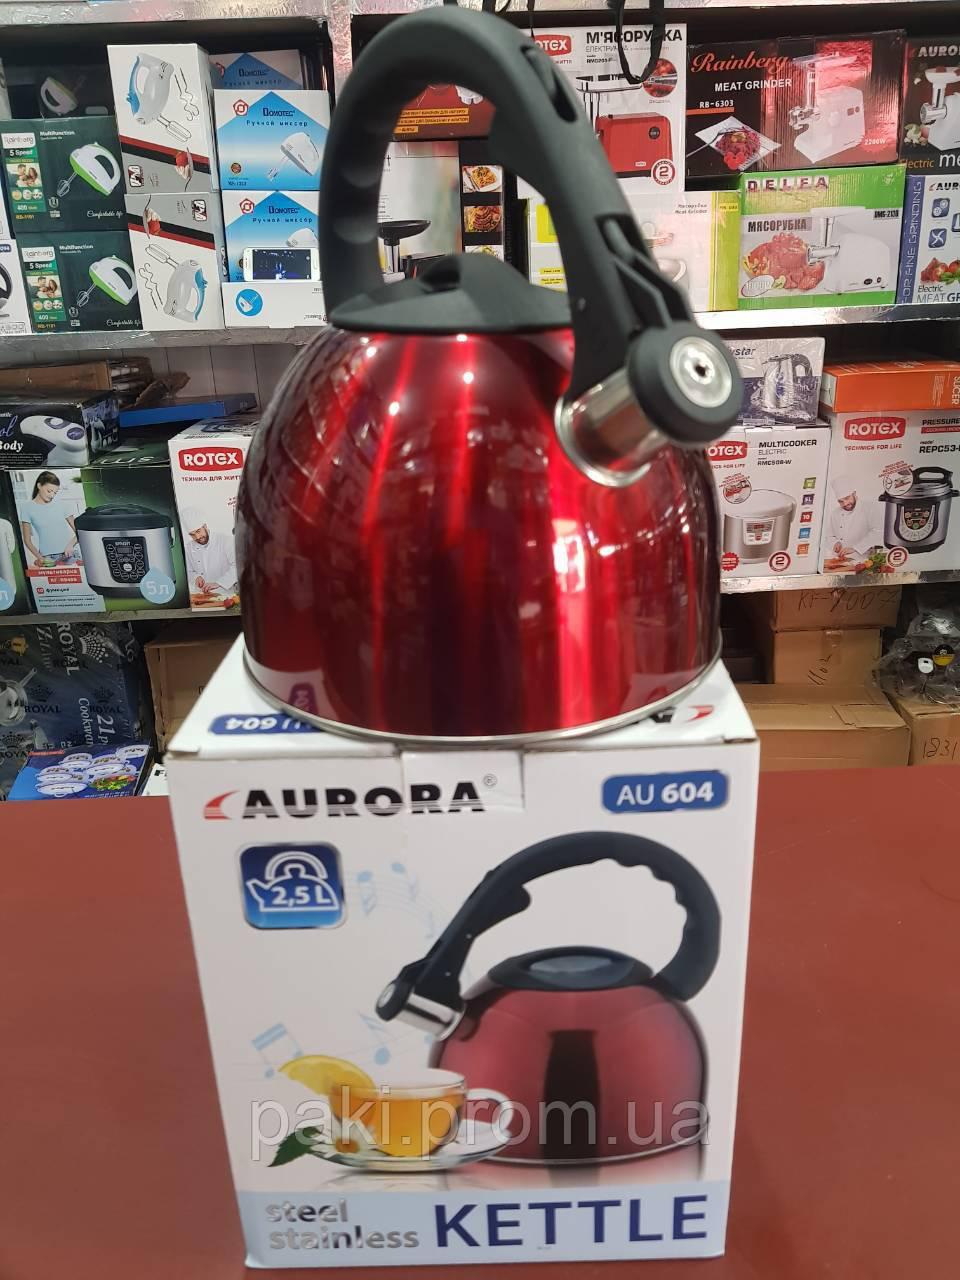 Чайник зі свистком Aurora AU 604 2.5 л (нержавіюча сталь)